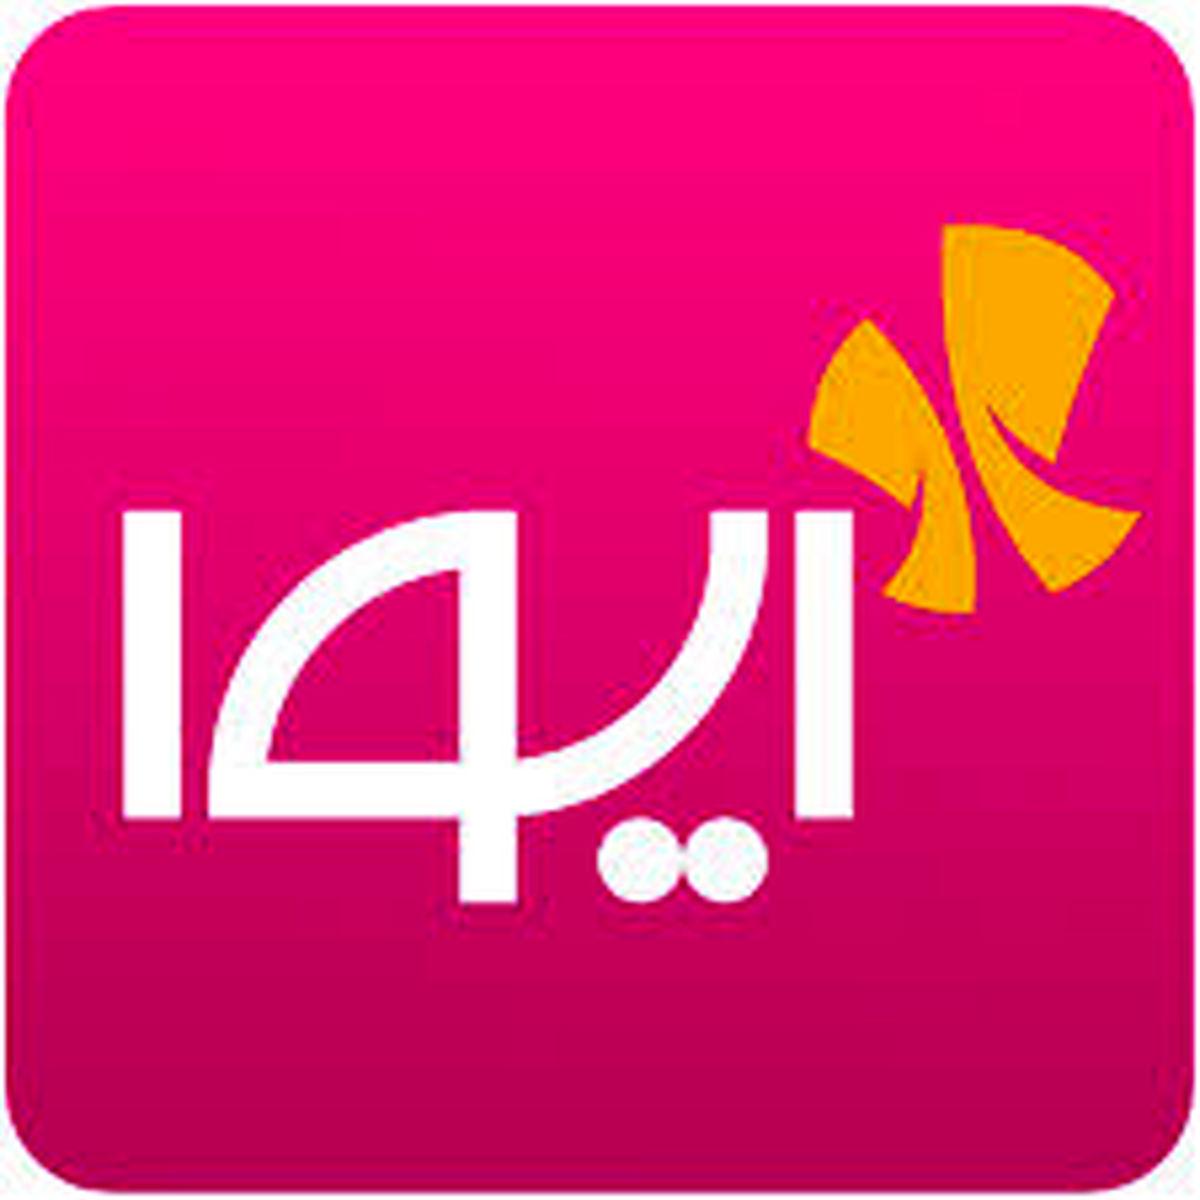 امکان پرداخت اقساط تسهیلات بانک ملی ایران با اپلیکیشن «ایوا»